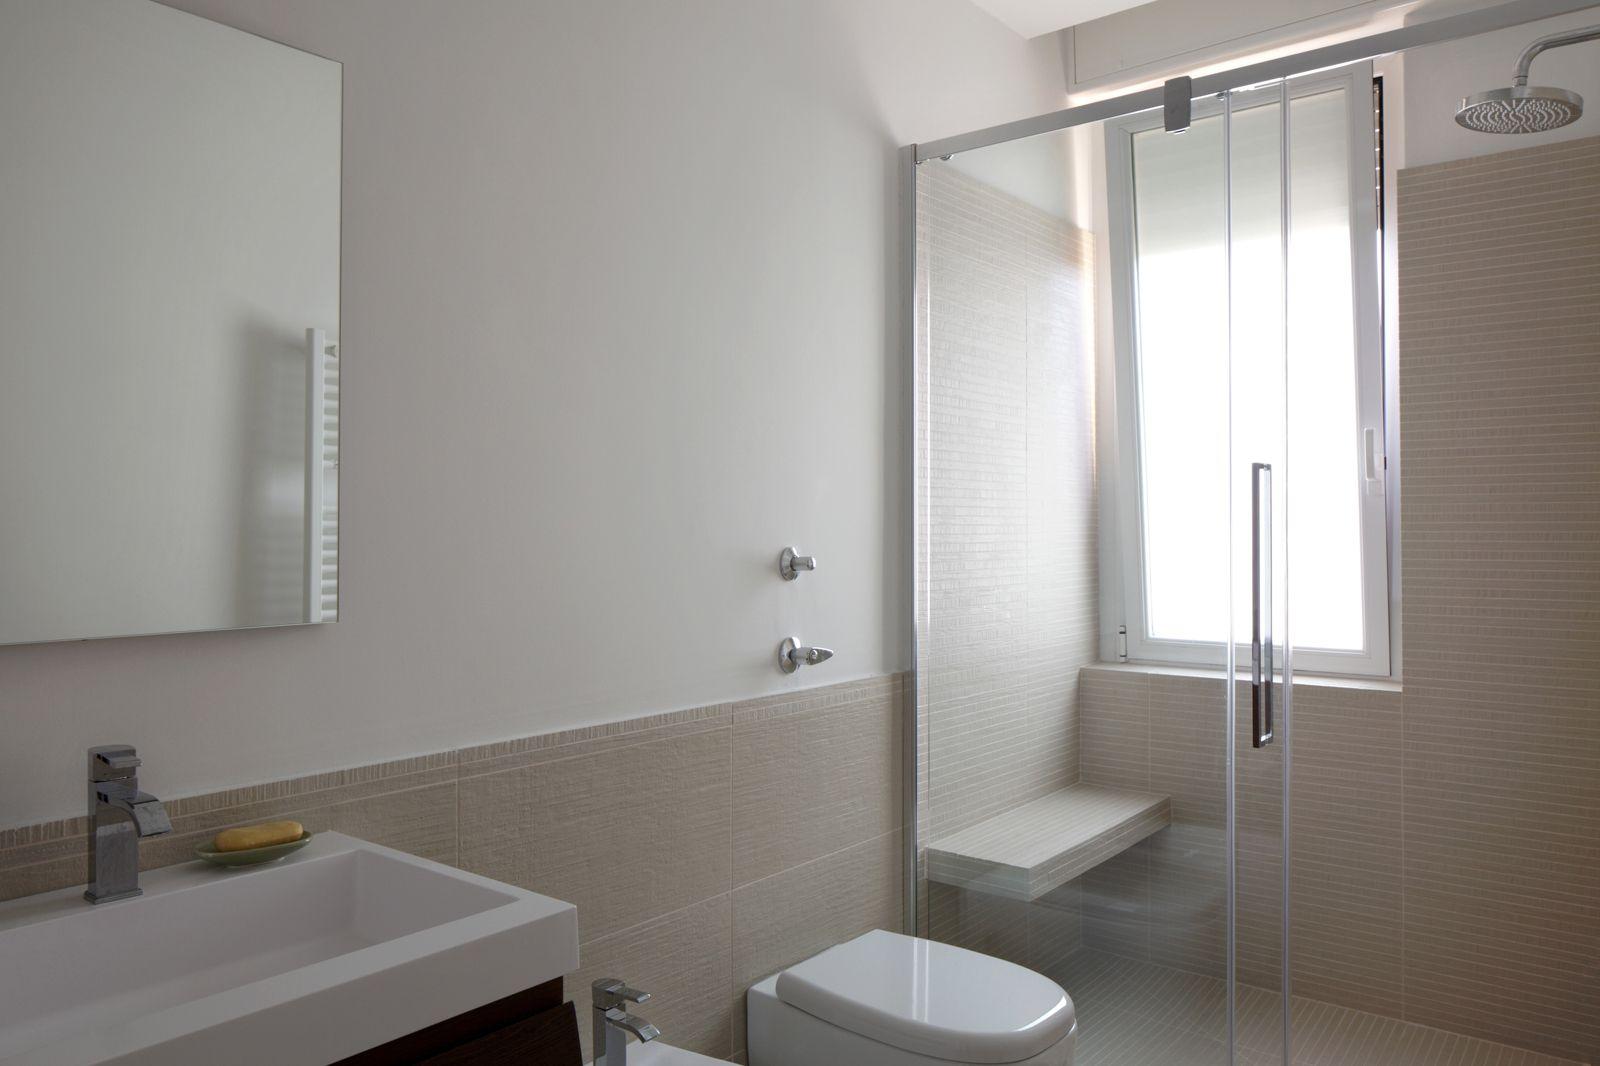 Finestra Bagno ~ Doccia con finestra bagno bagno soggiorno e finestra